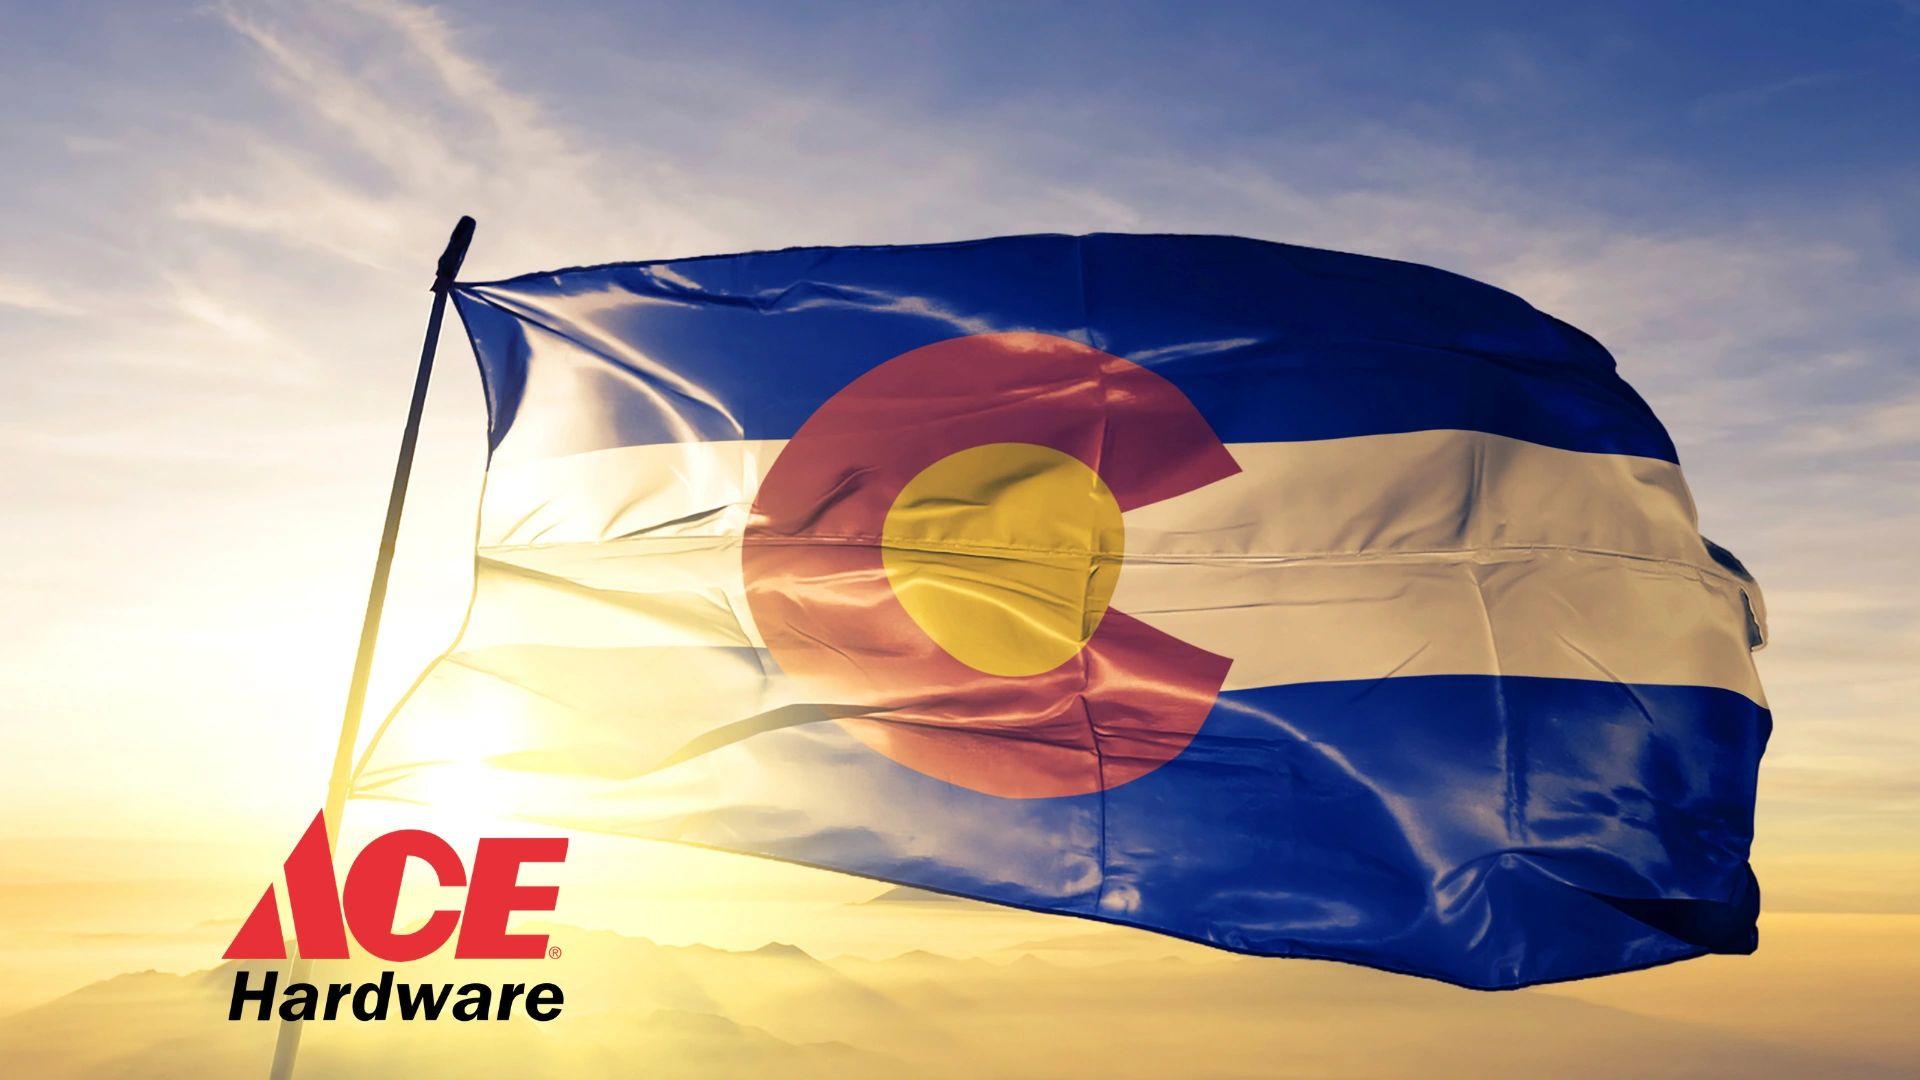 12th Avenue Ace logo